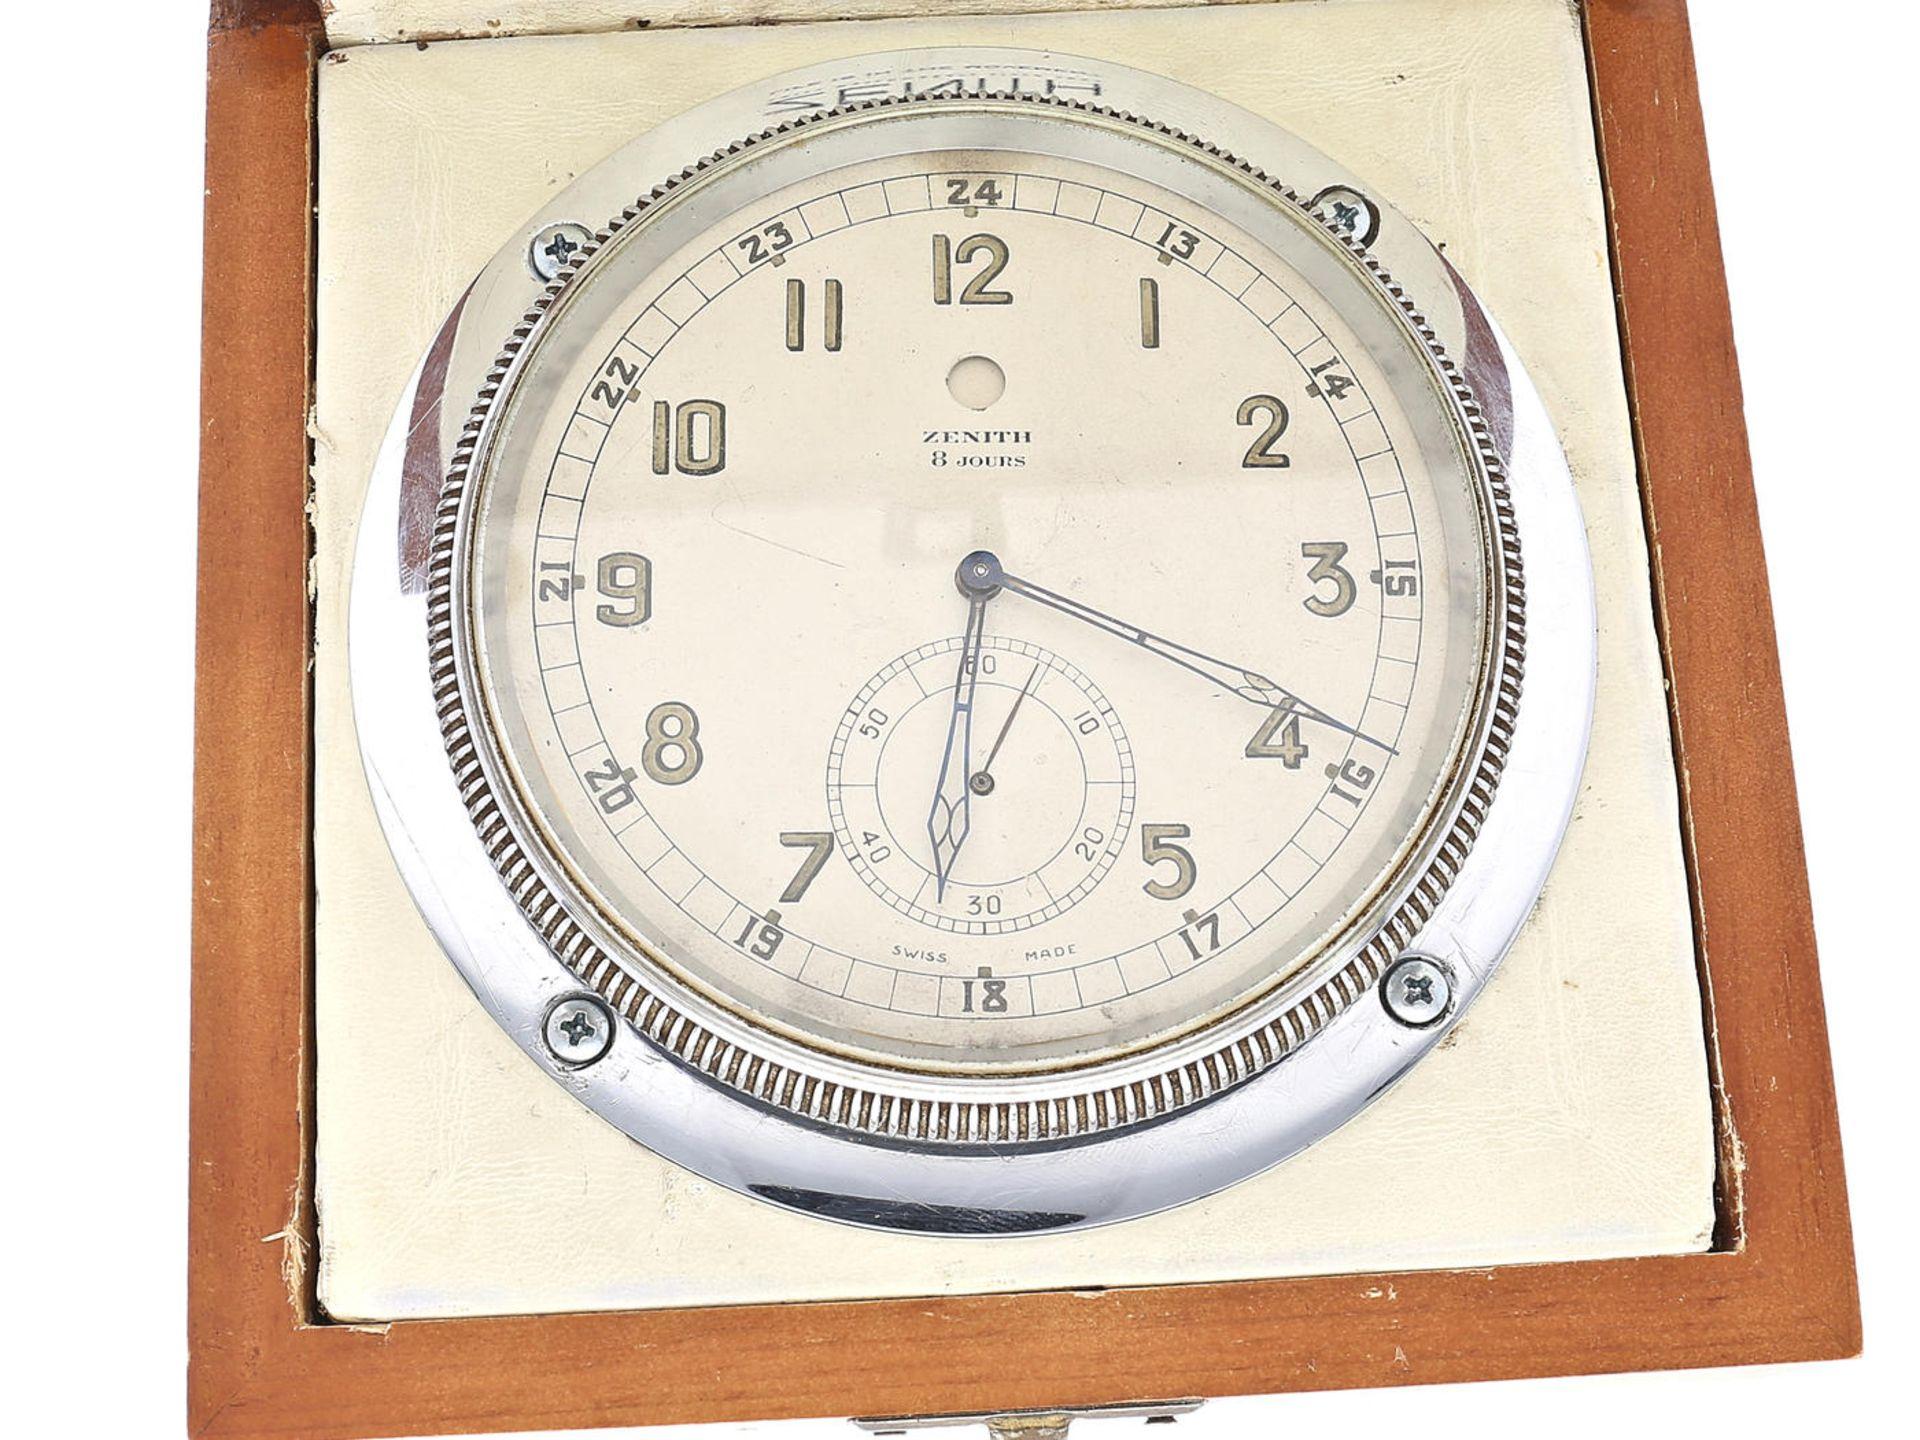 Los 6049 - Tischuhr/Borduhr: seltene Zenith 8-Tage-Uhr, ca.1950 Box ca. 14 × 14 × 7,5cm, Deckel mit Zenith-